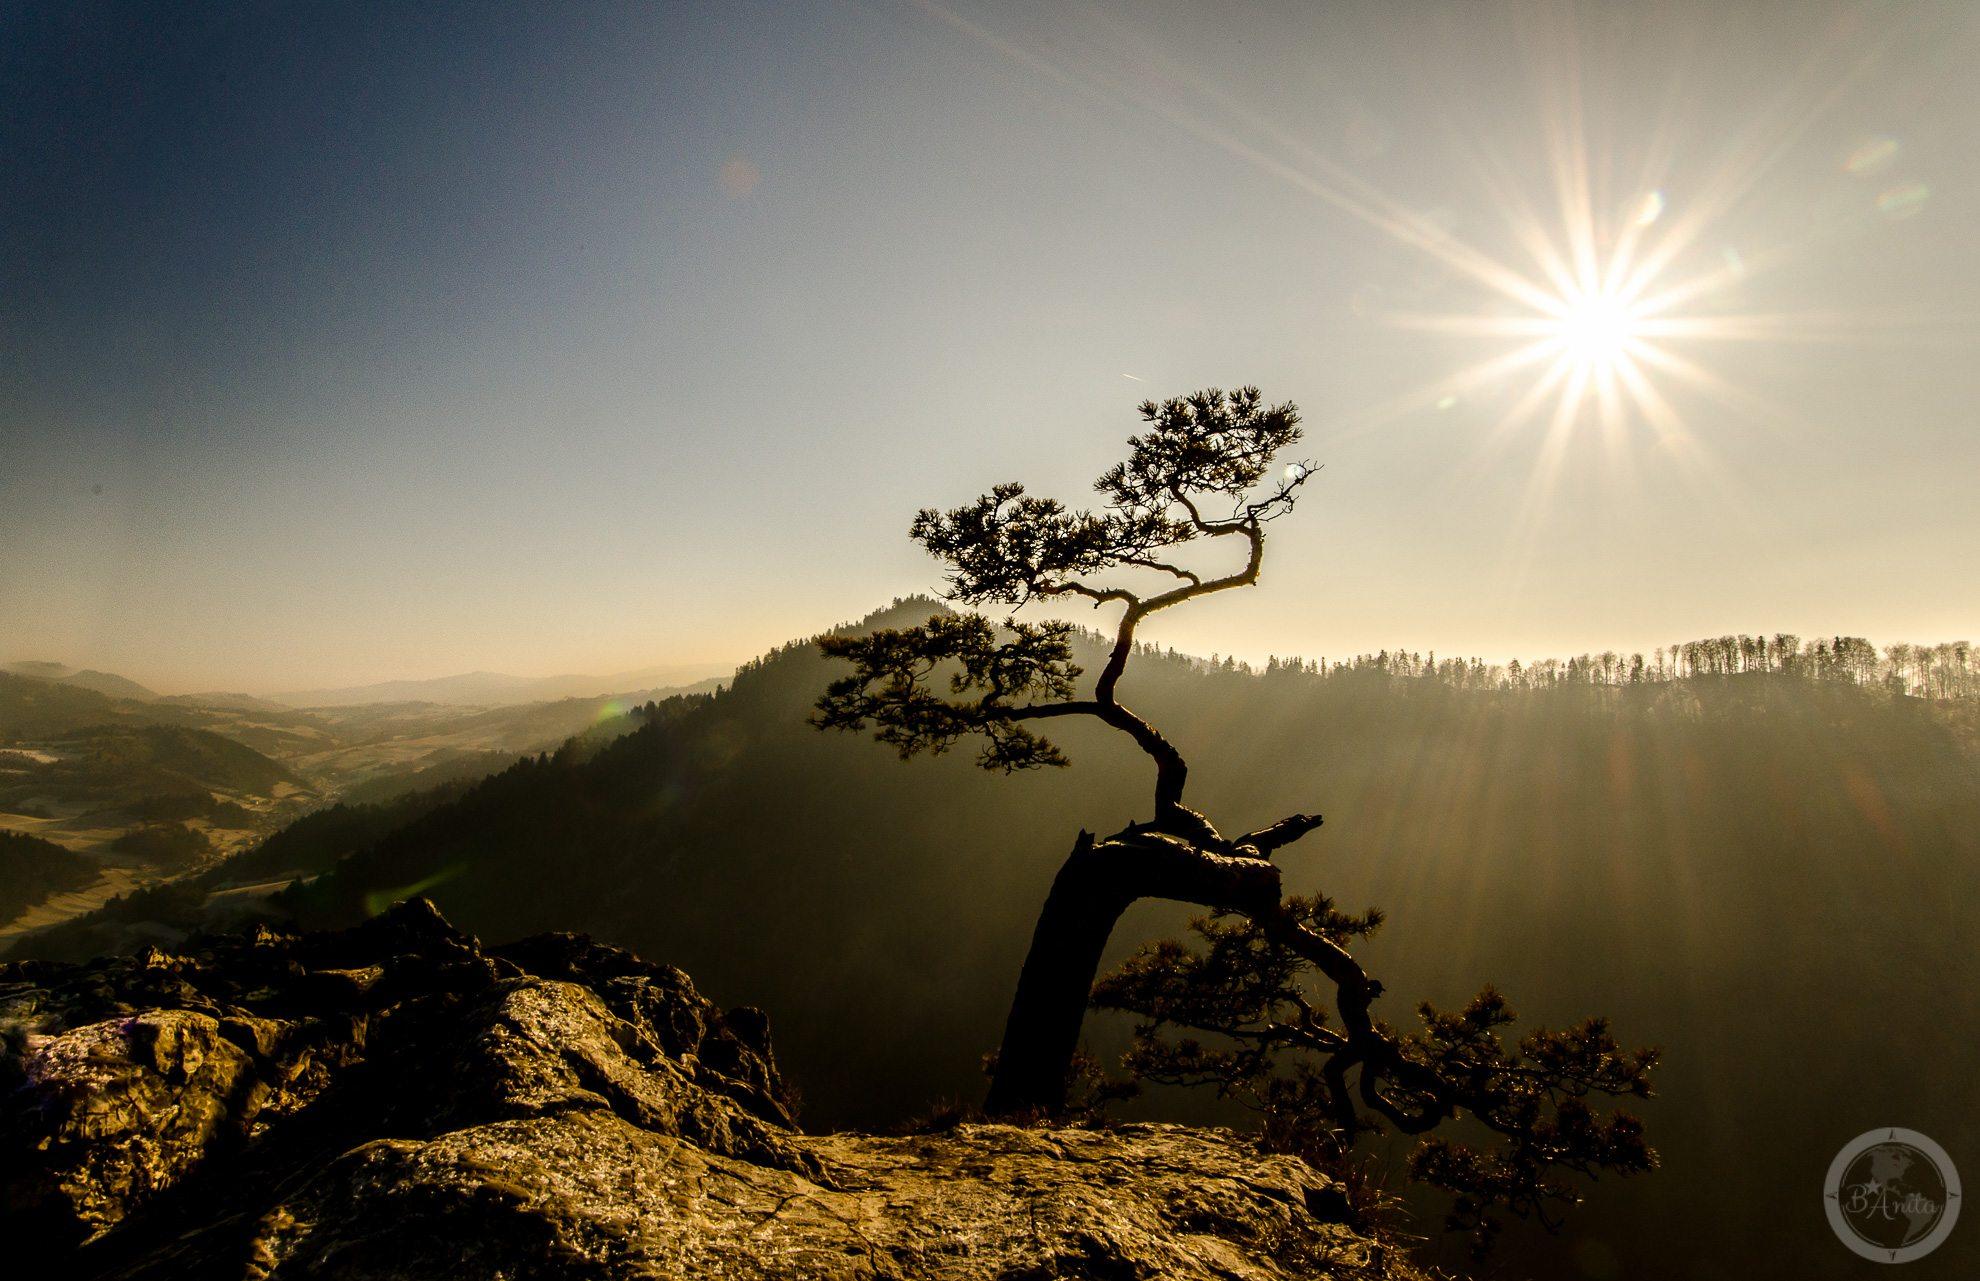 Najsłynniejsze drzewo wPolsce, czyli reliktowa sosna rosnaca wPienińskim Parku Narodowym naszczycie Sokolica. Zdjęcie wzłocistych barwach.